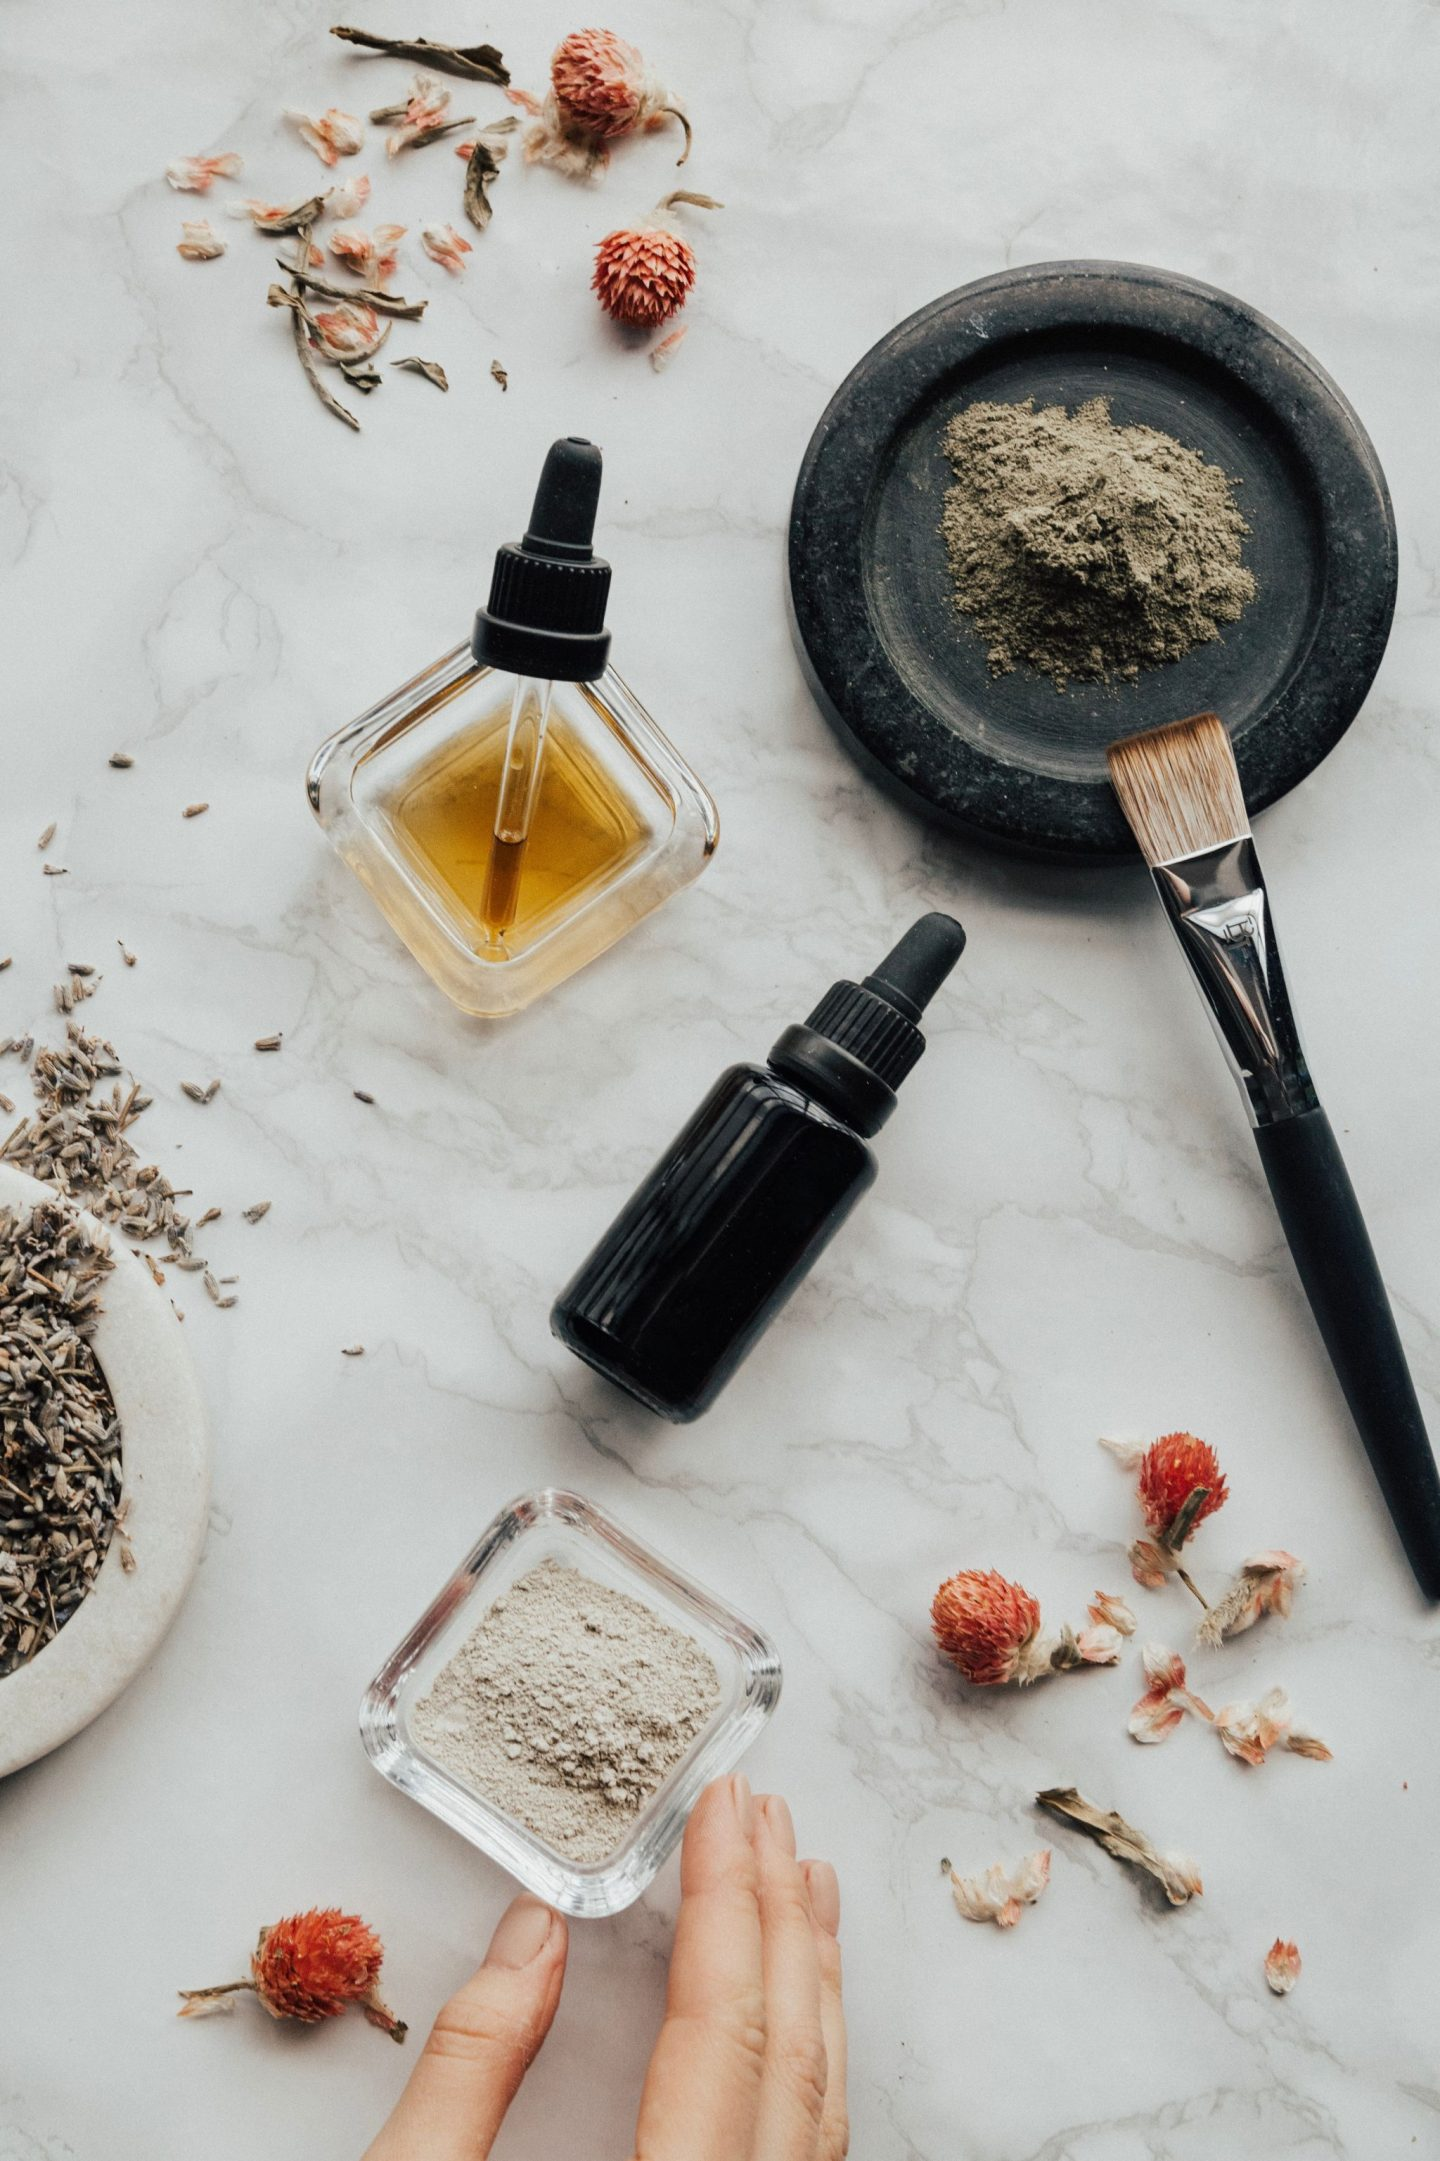 4 Essential Oils Every Home Needs